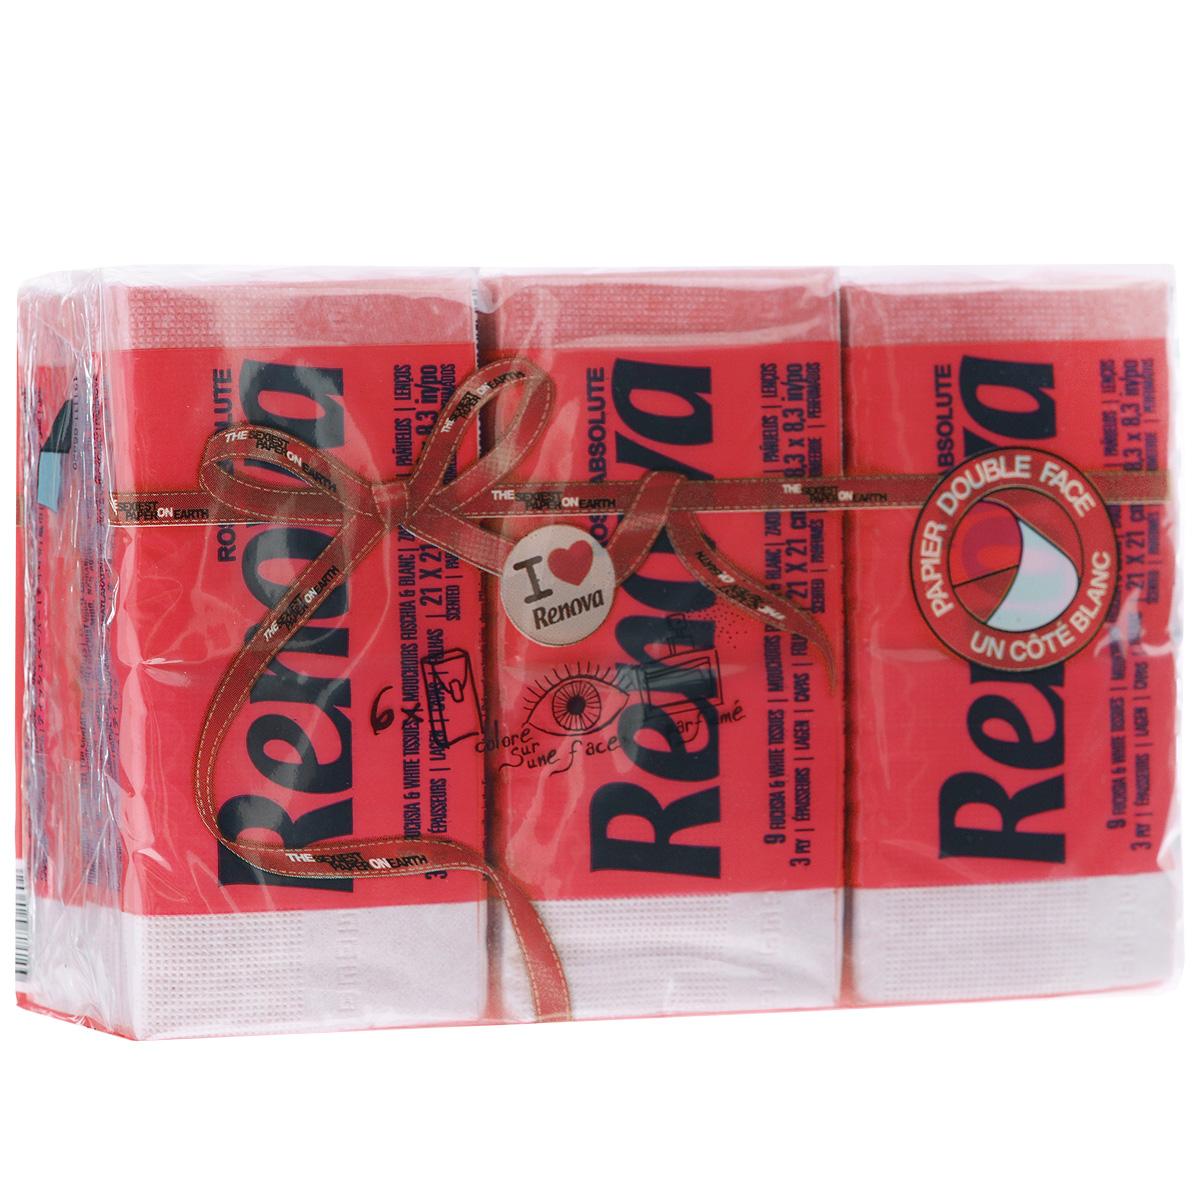 Платочки бумажные Renova Strawberry Ice Cream, ароматизированные, трехслойные, цвет: красный, 6 пачек5010777139655Бумажные гигиенические платочки Renova Strawberry Ice Cream,изготовленные из 100% натуральной целлюлозы, подходят для детей и взрослых. Они обладают уникальными свойствами, так как всегда остаются мягкими на ощупь, прочными и отлично впитывающими влагу и могут быть пригодными в любой ситуации. Бумажные платочки Renova Strawberry Ice Cream имеют сладкий аромат клубники. Удобная небольшая упаковка позволяет носить платочки в кармане.Количество слоев: 3.Размер листа: 21 см х 21 см.Количество пачек: 6 шт.Количество платочков в каждой пачке: 9 шт.Португальская компания Renova является ведущим разработчиком новейших технологий производства, нового стиля и направления на рынке гигиенической продукции. Современный дизайн и высочайшее качество, дерматологический контроль - это то, что выделяет компанию Renova среди других производителей бумажной санитарно-гигиенической продукции.